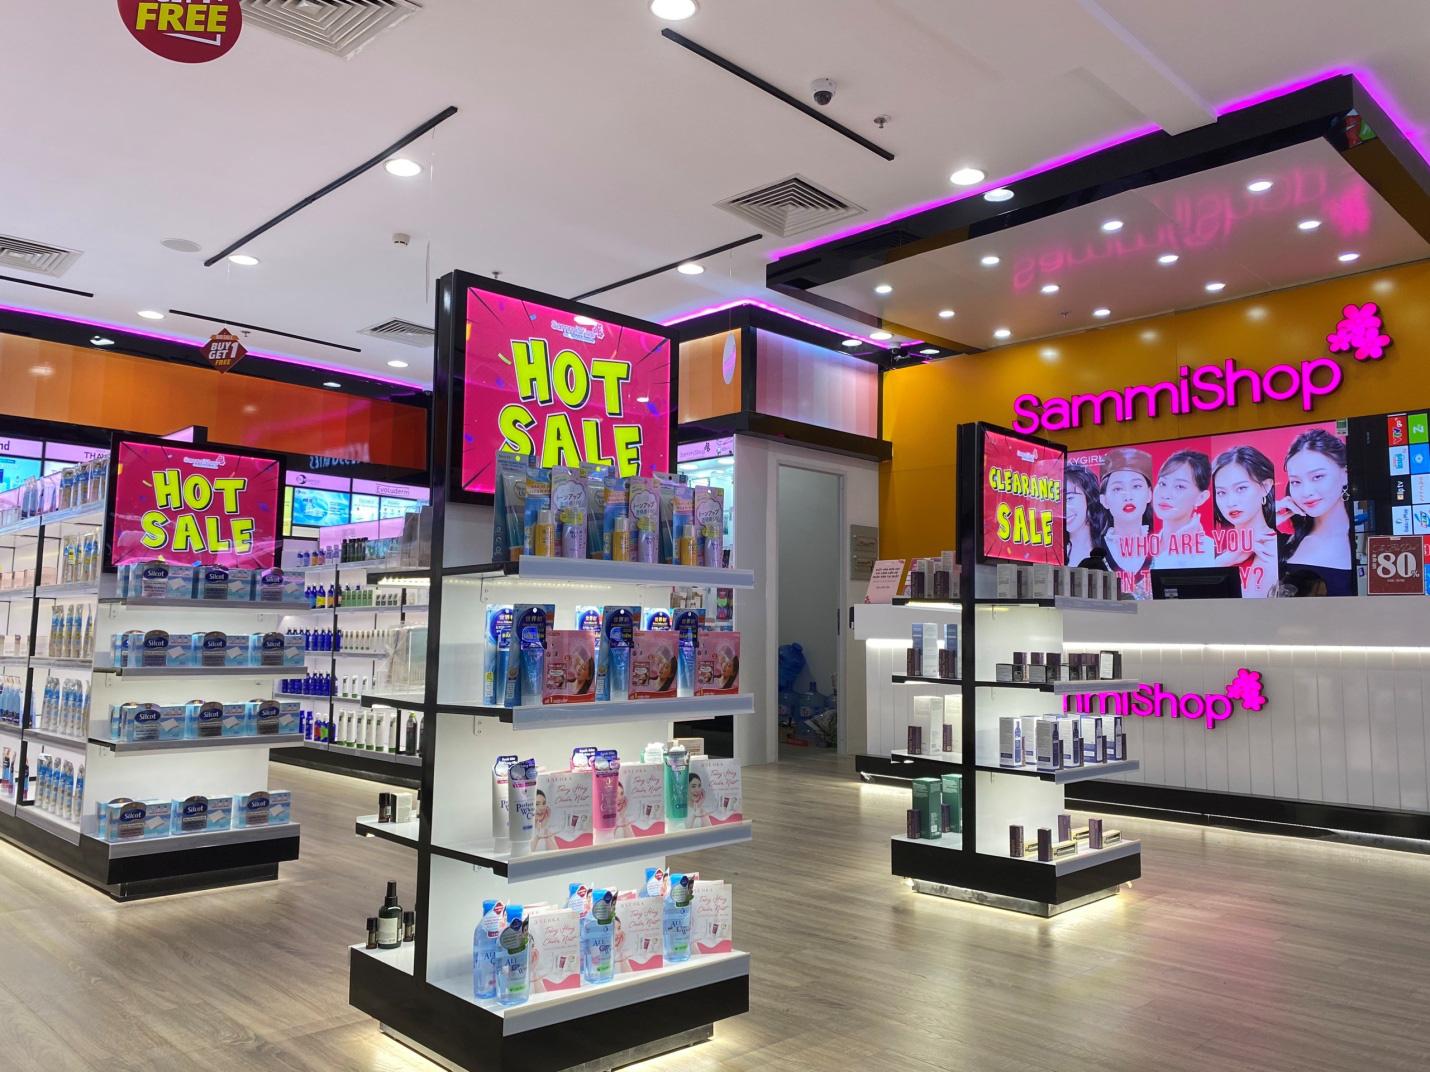 """Sammi Shop khiến giới trẻ """"phấn khích"""" trước loạt khuyến mãi mua 1 tặng 1 nhân dịp khai trương 2 cửa hàng mới tại Vincom - Ảnh 2."""